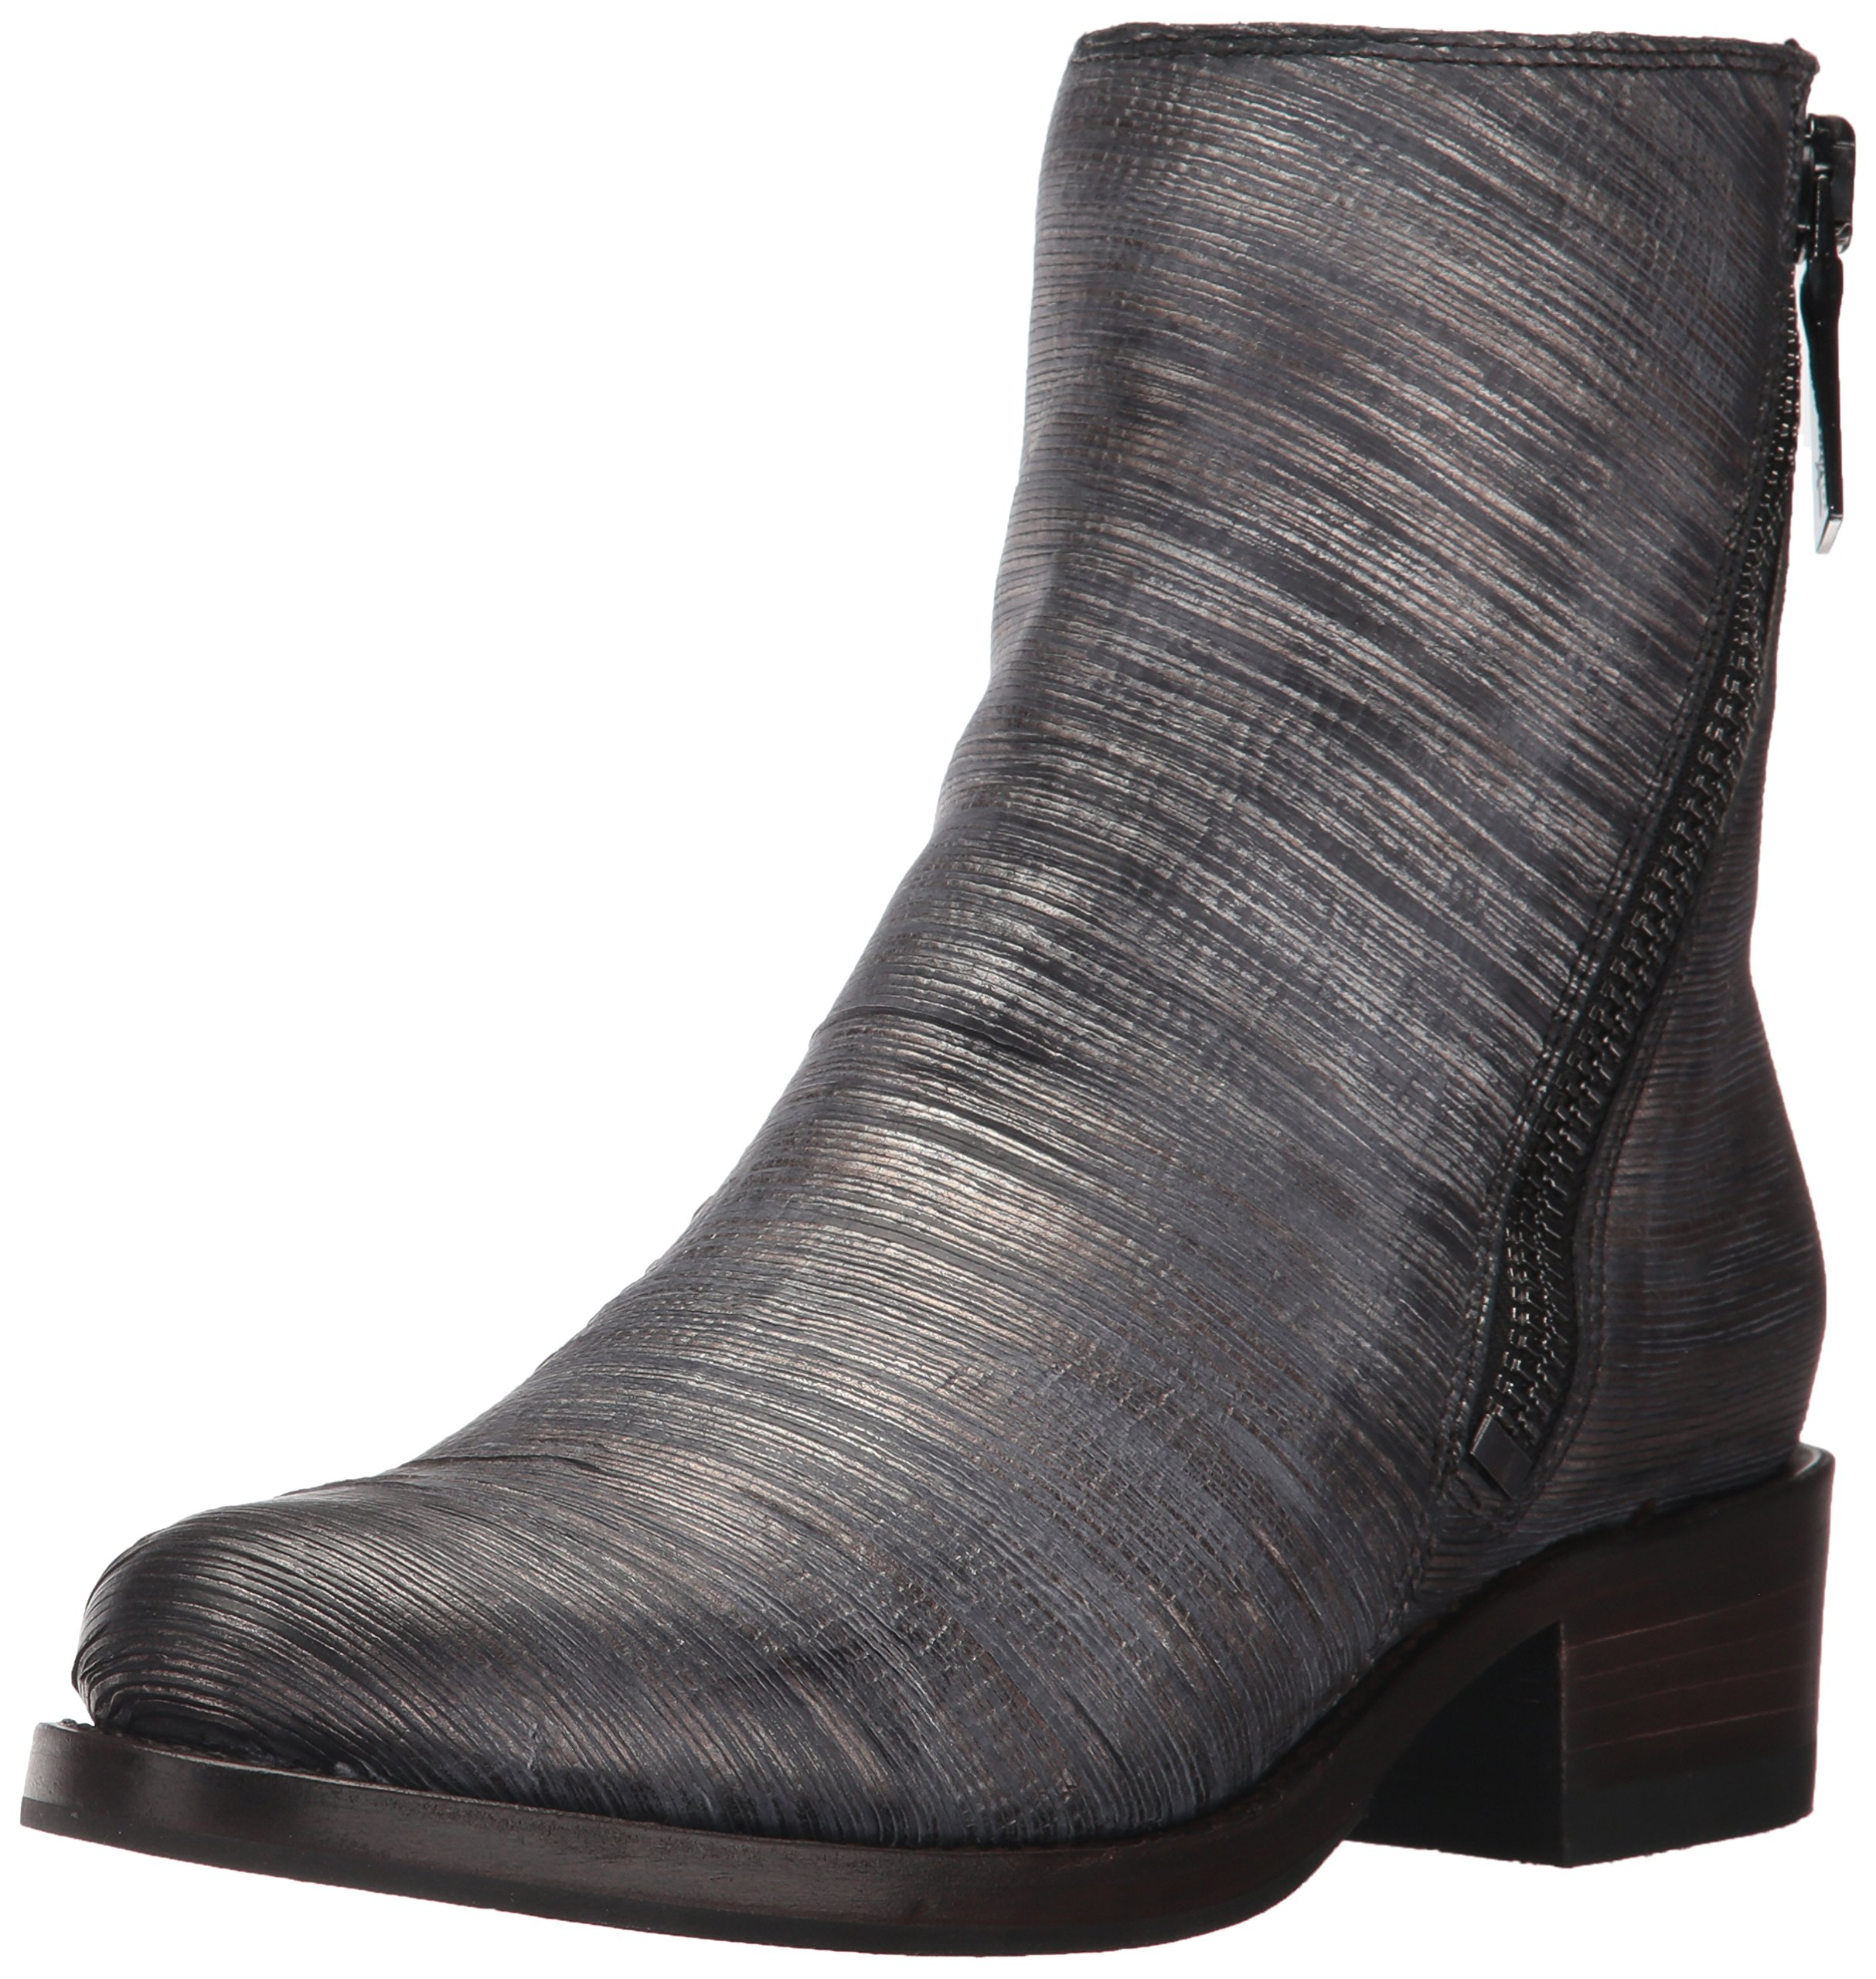 FRYE Women's Demi Zip Bootie Boot, Pewter Cut Metallic, 8 M US